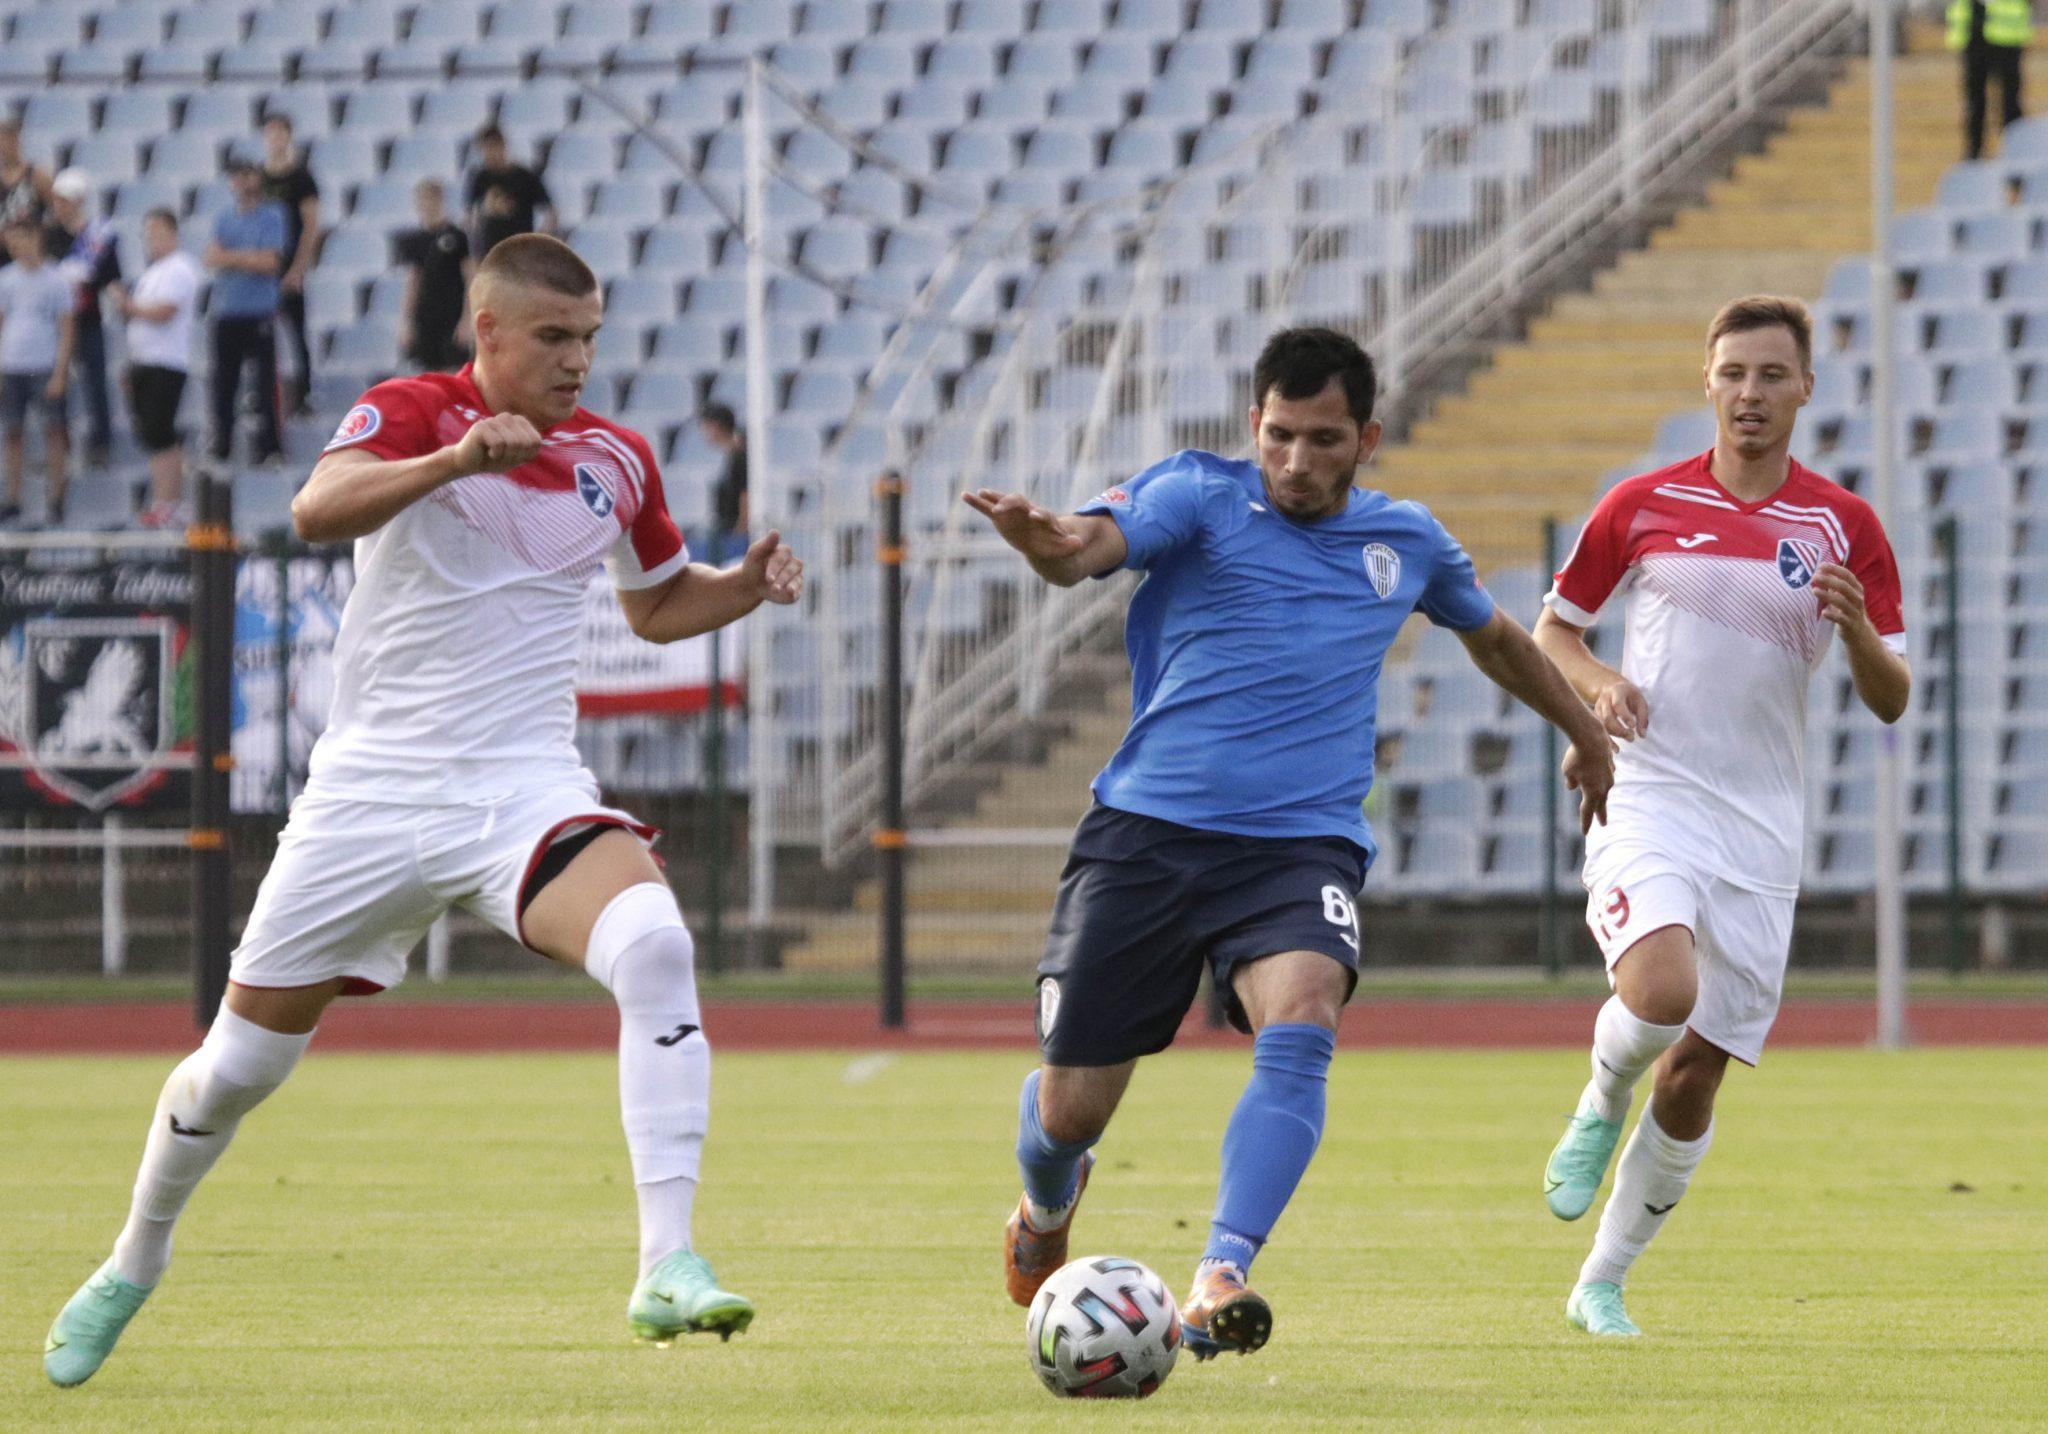 Первый круг чемпионата Крыма по футболу завершится в воскресенье